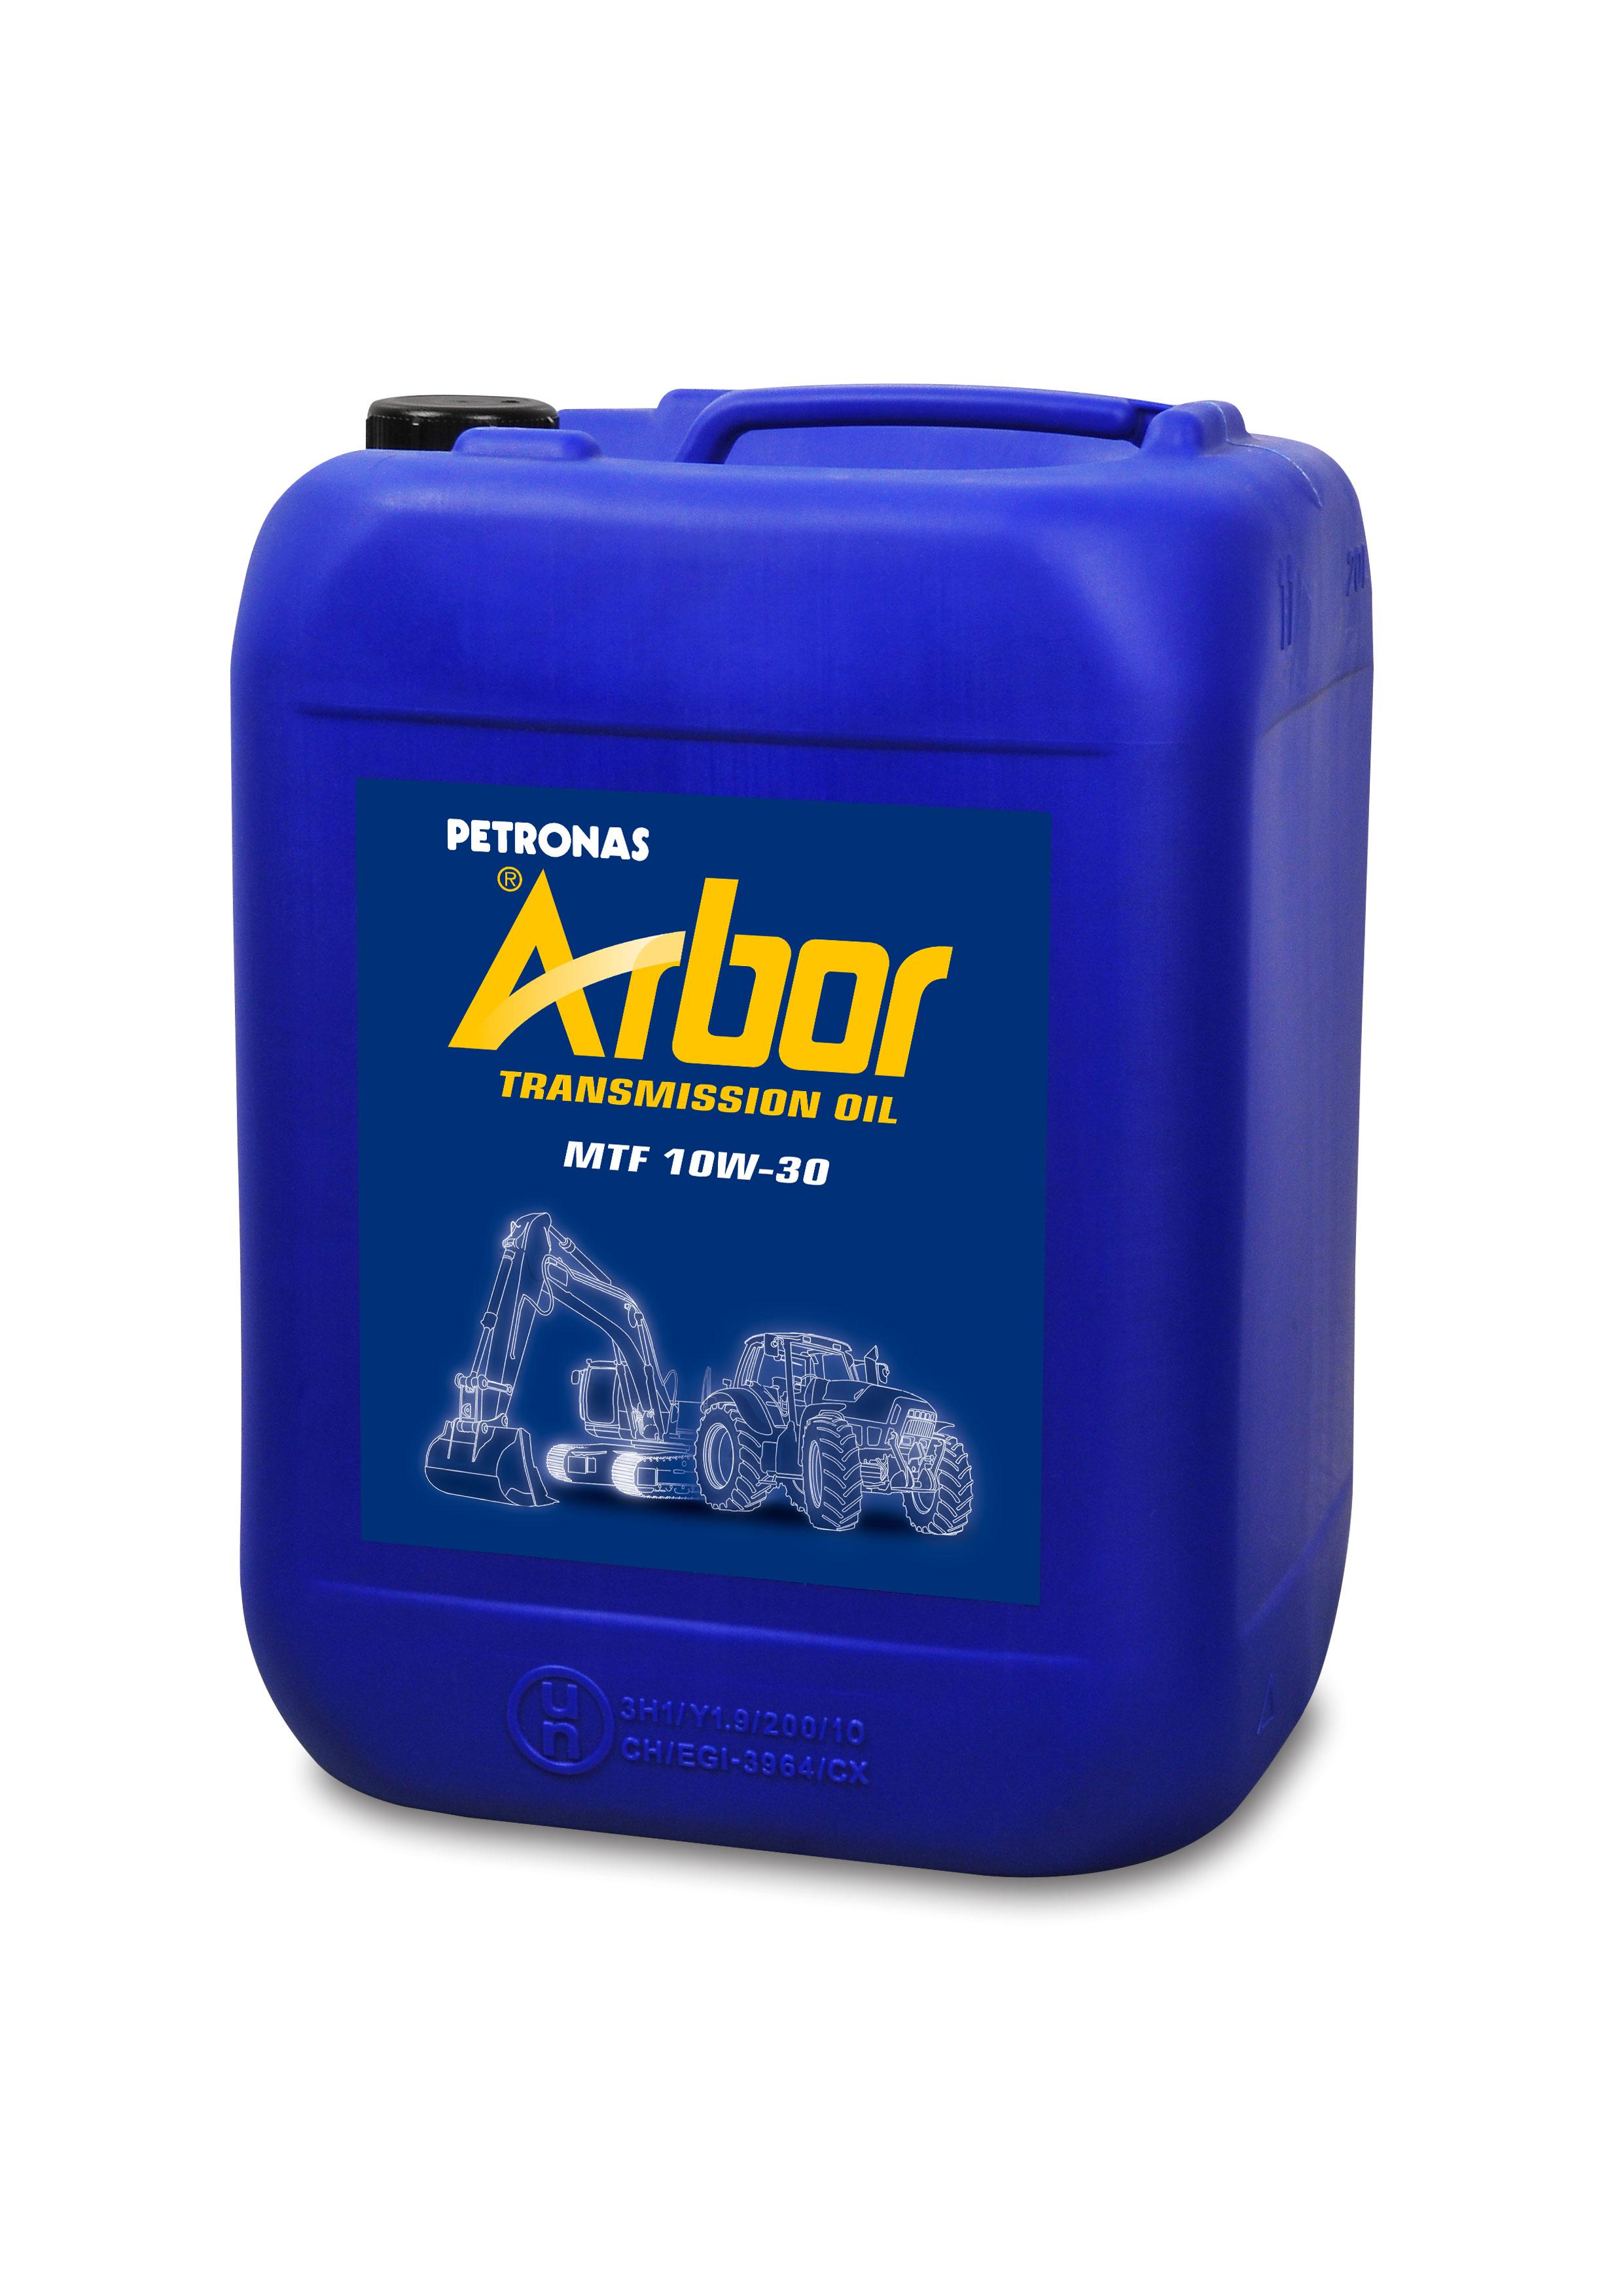 ARBOR MTF 10W30